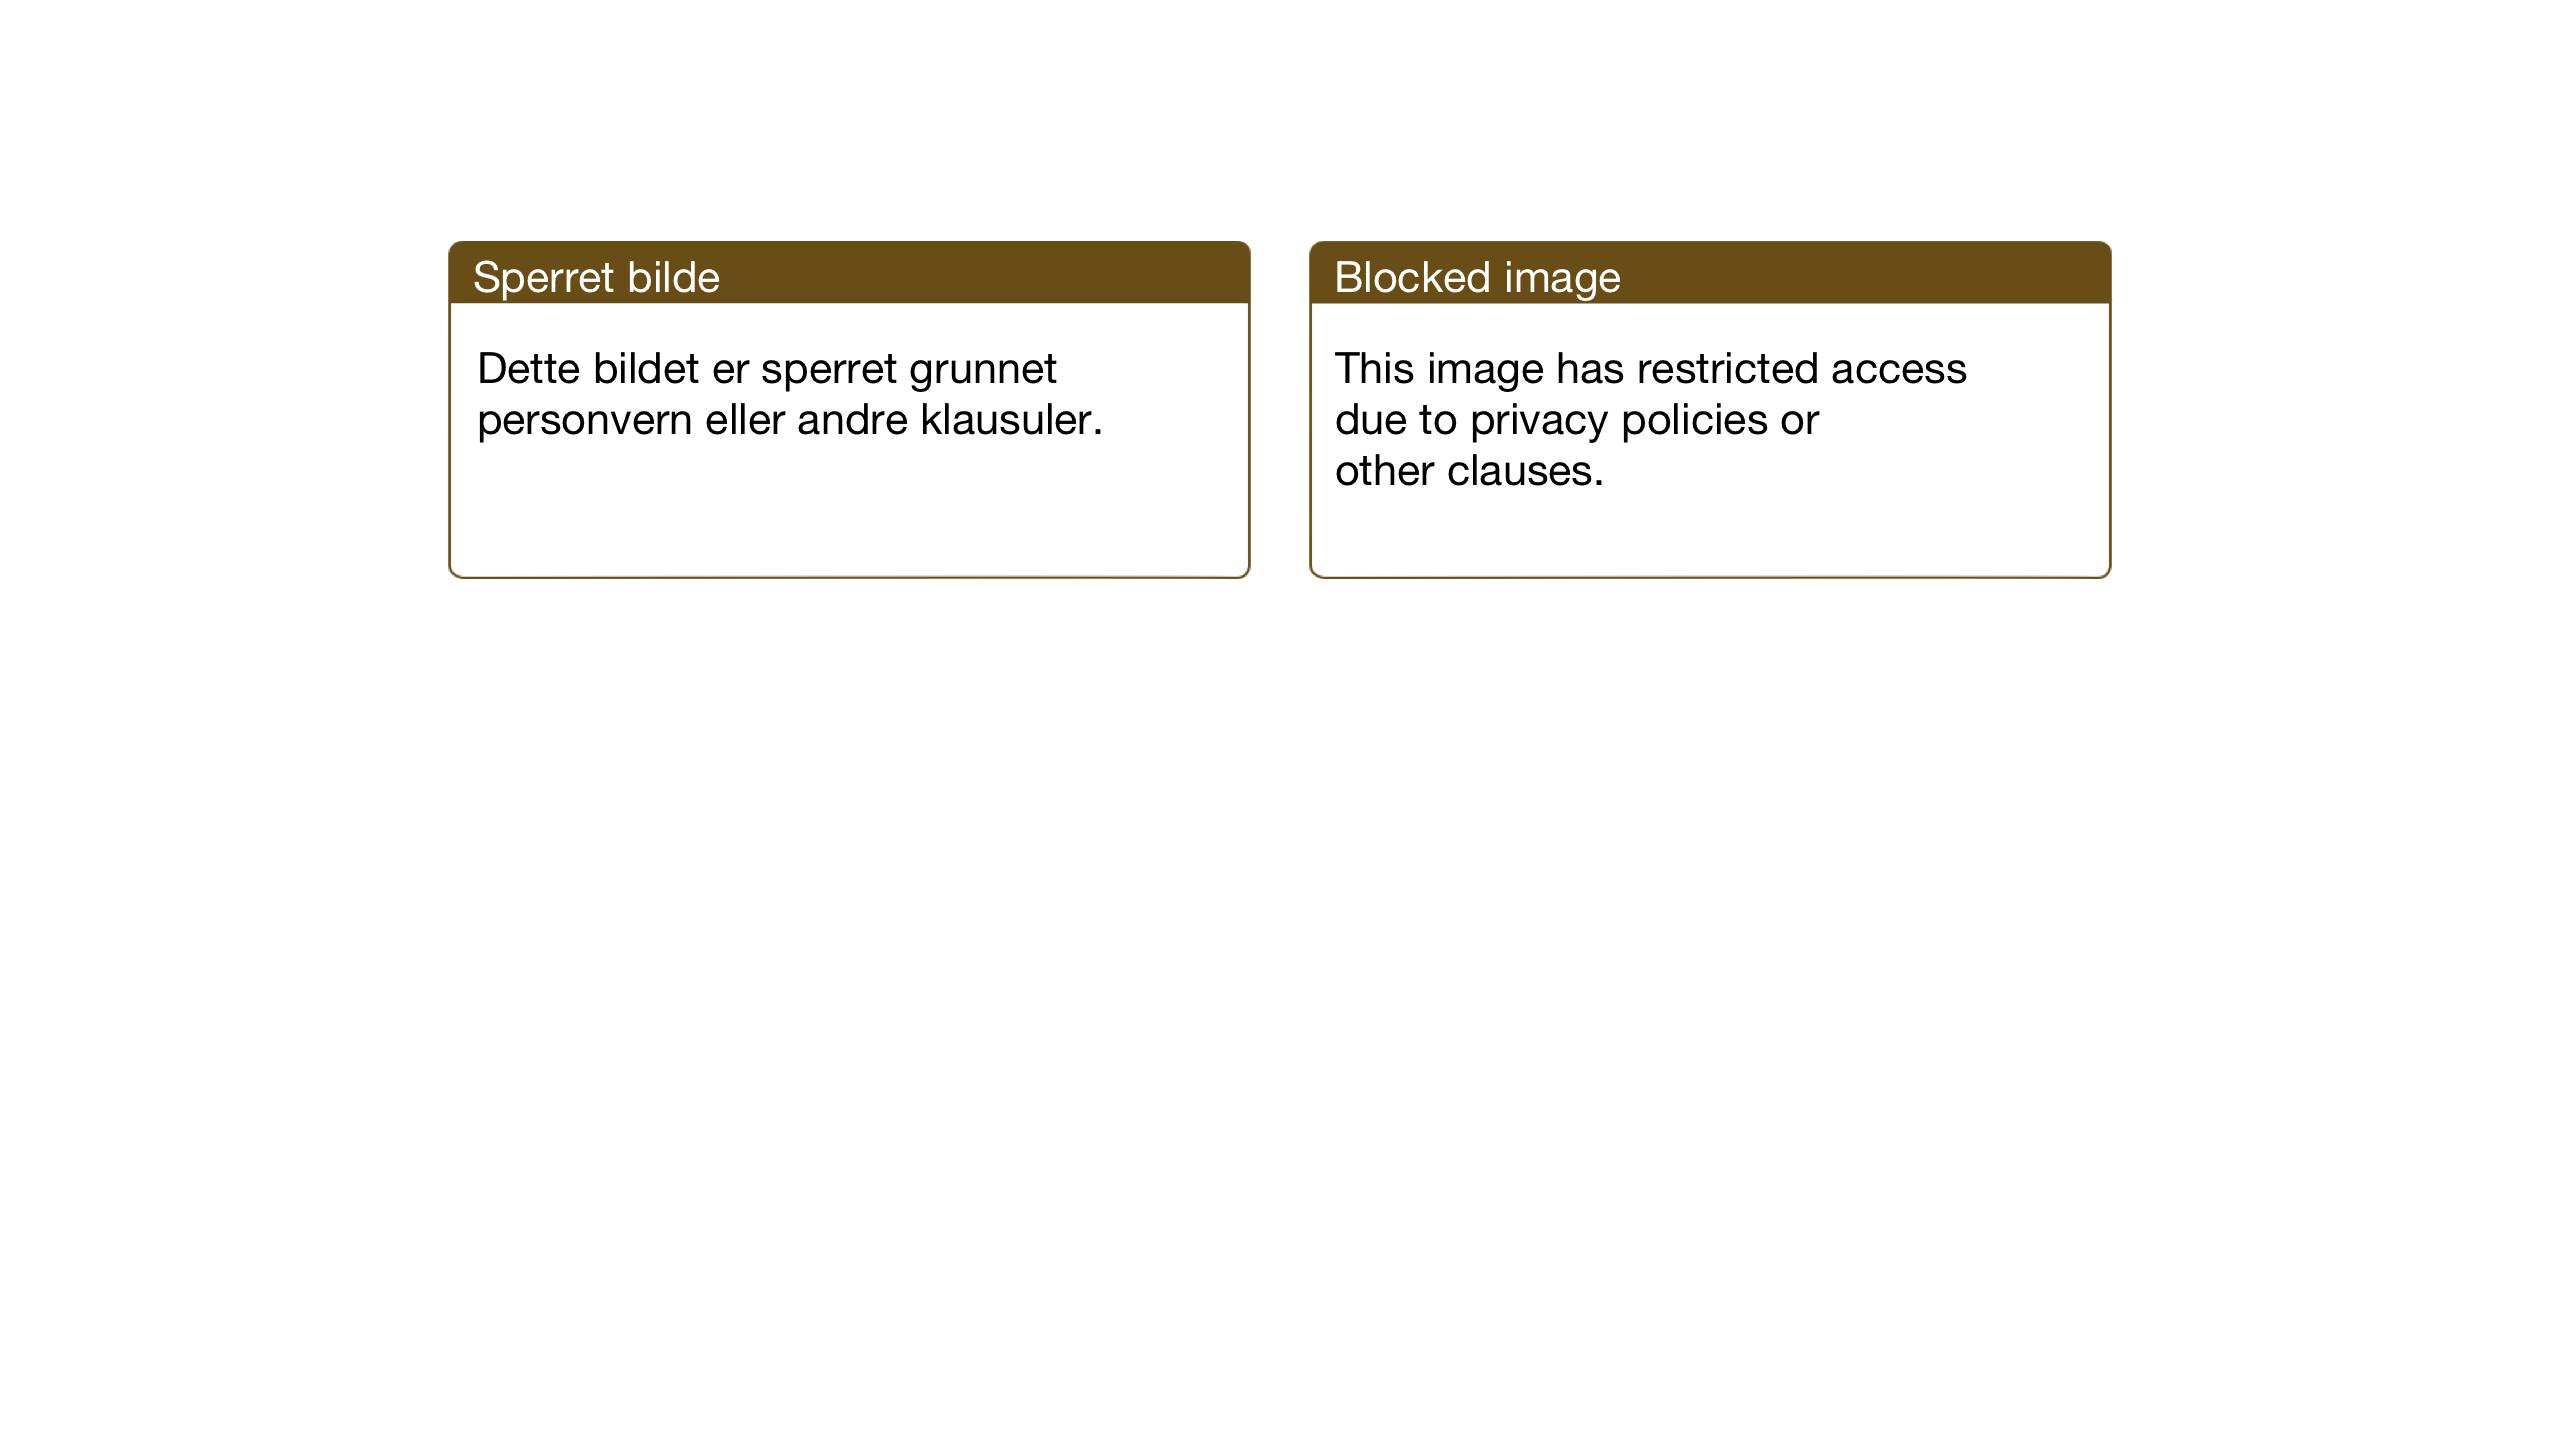 SAT, Ministerialprotokoller, klokkerbøker og fødselsregistre - Nord-Trøndelag, 755/L0500: Klokkerbok nr. 755C01, 1920-1962, s. 90